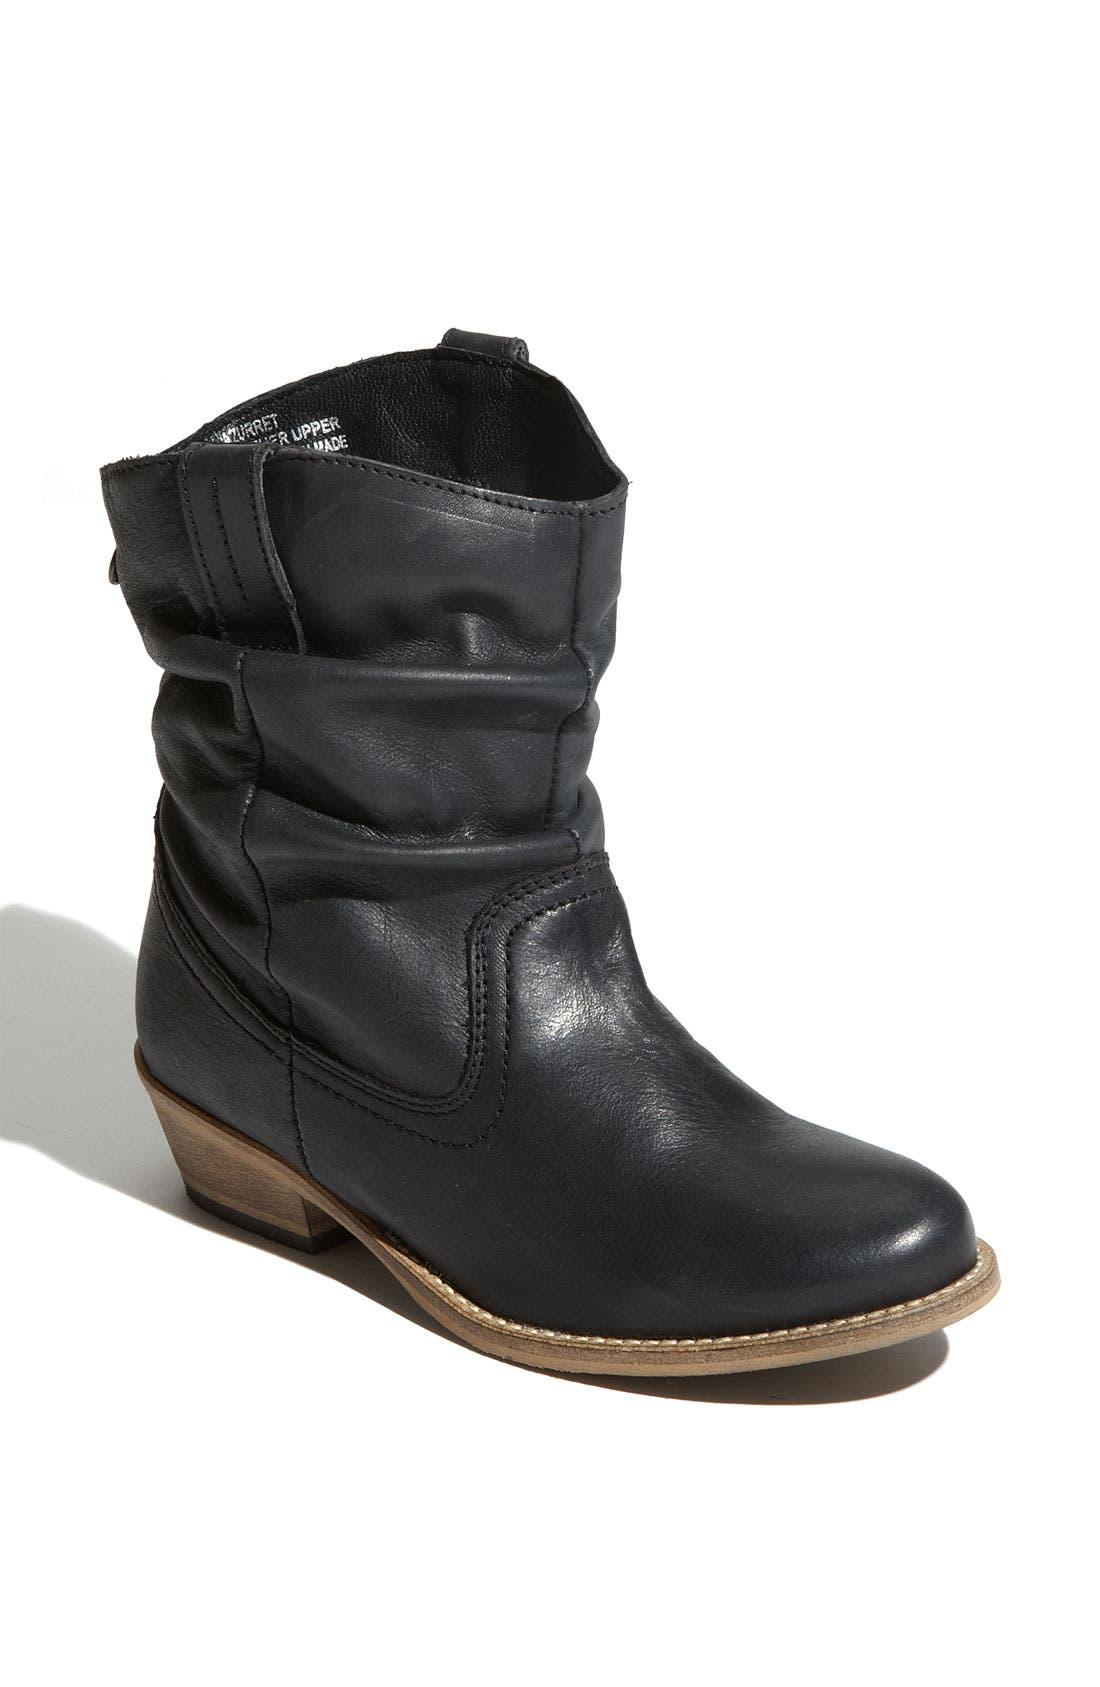 Alternate Image 1 Selected - Steve Madden 'Azurret' Short Boot